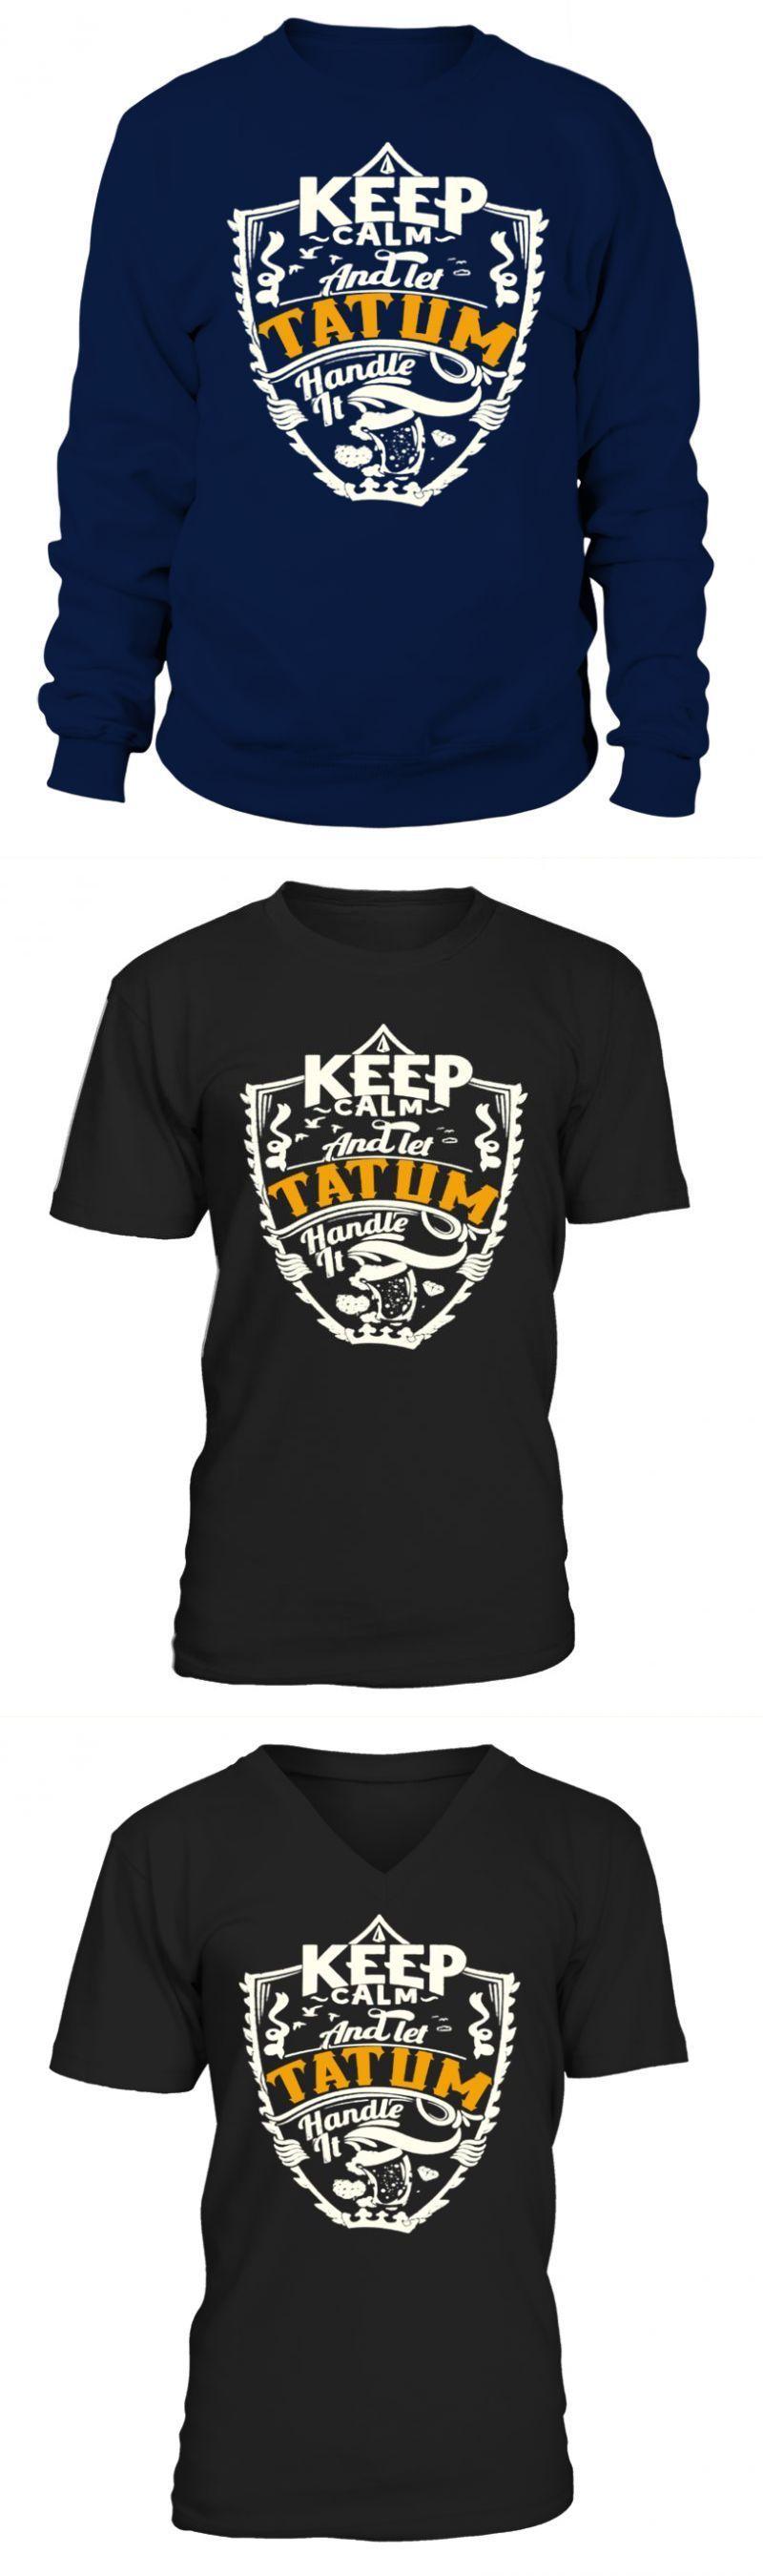 Volleyball Camp T Shirt Tatum Mikasa Volleyball T Shirt Volleyball Camp Shirt Tatum Mikasa Sports Sweatshirt Unisex Round Neck Volleyball T Shirt Designs Badminton T Shirts Basketball T Shirt Designs